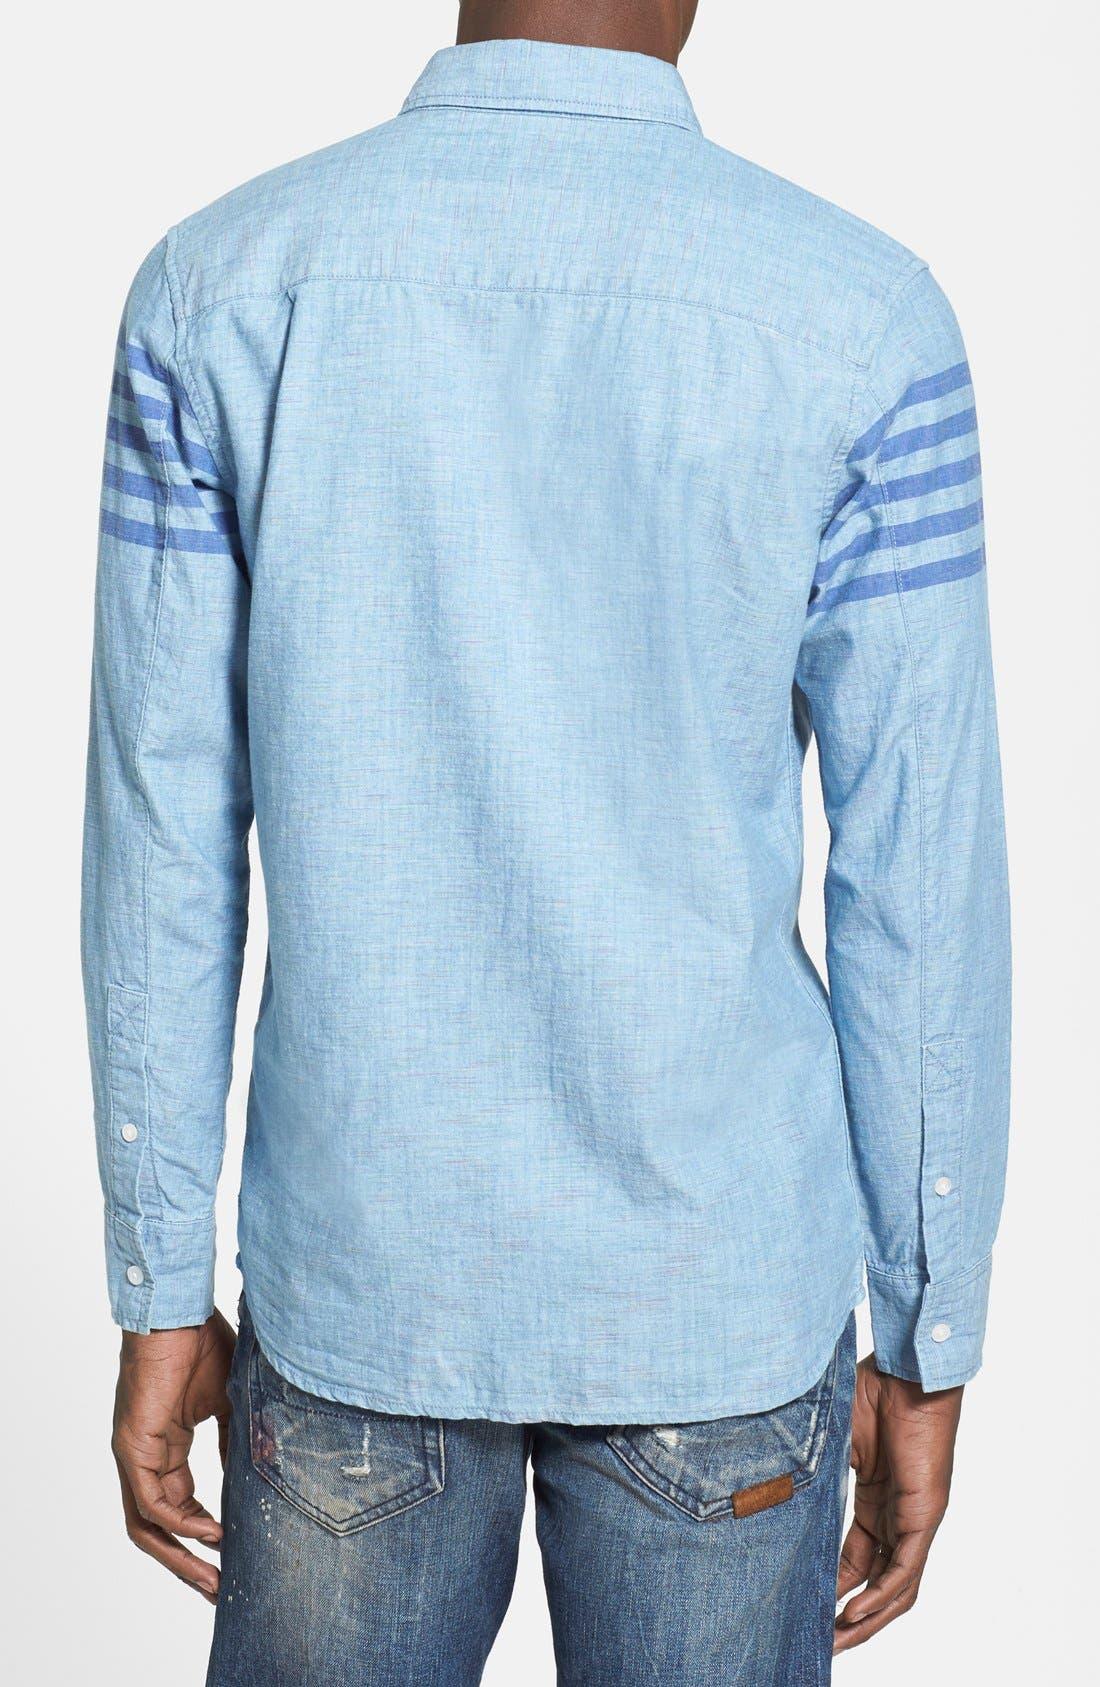 55DSL,                             'Stendard 55' Chest Stripe Print Woven Shirt,                             Alternate thumbnail 2, color,                             400